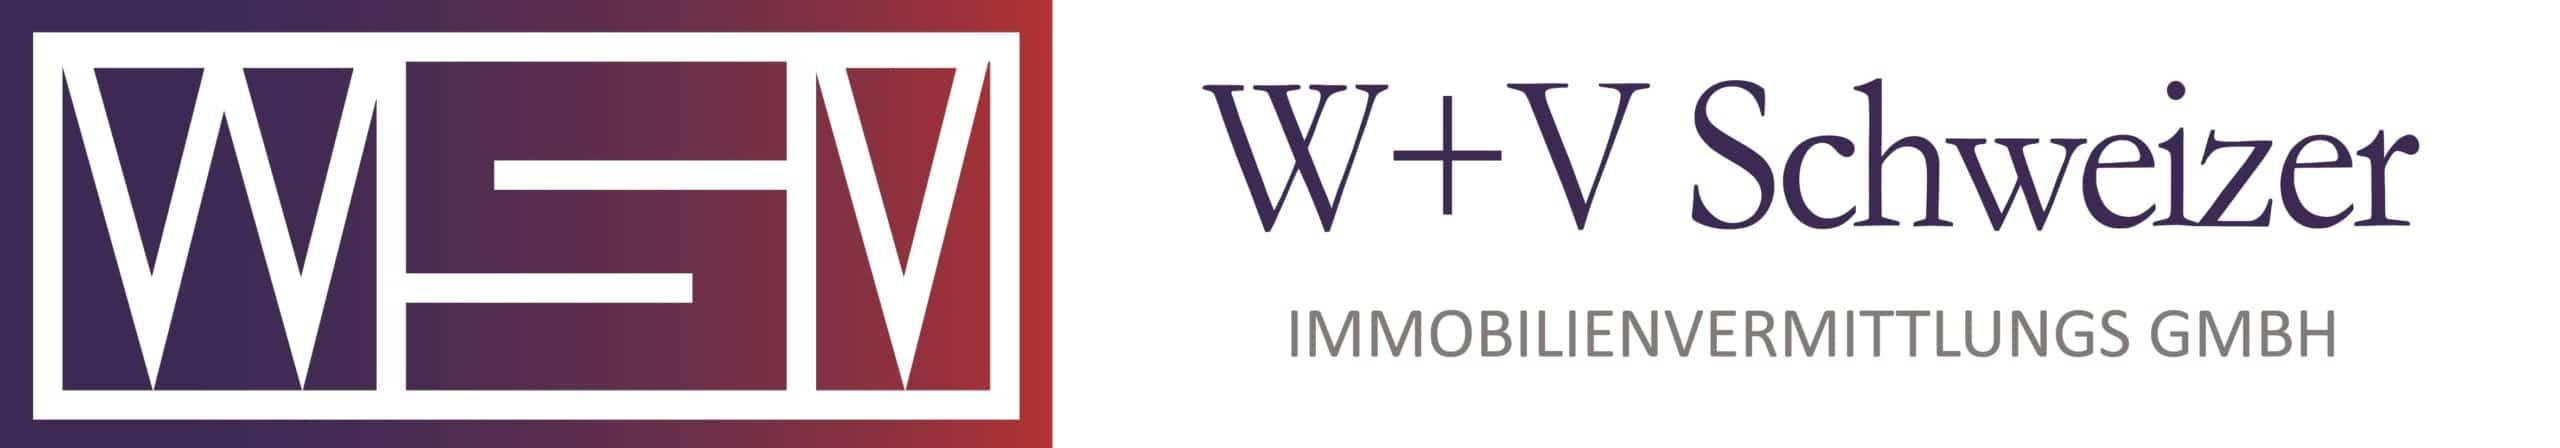 W+V Schweizer Immobilien